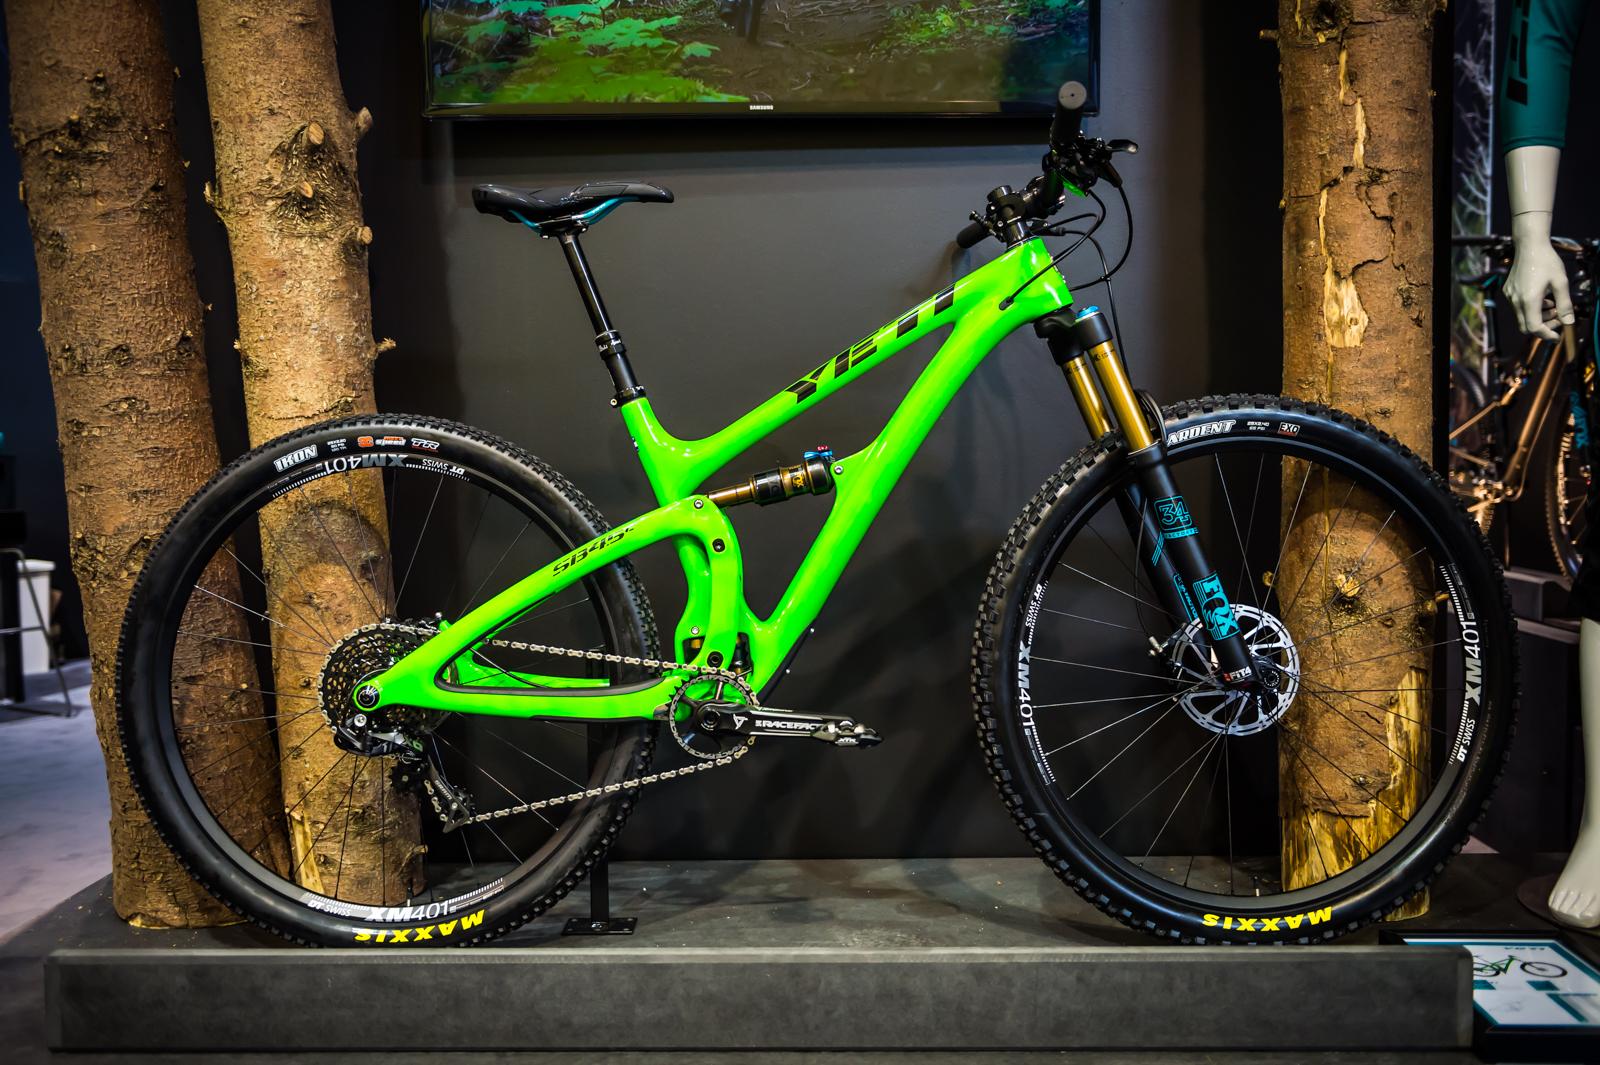 2016 Yeti Sb4 5c 2016 Trail All Mountain Amp Enduro Bikes